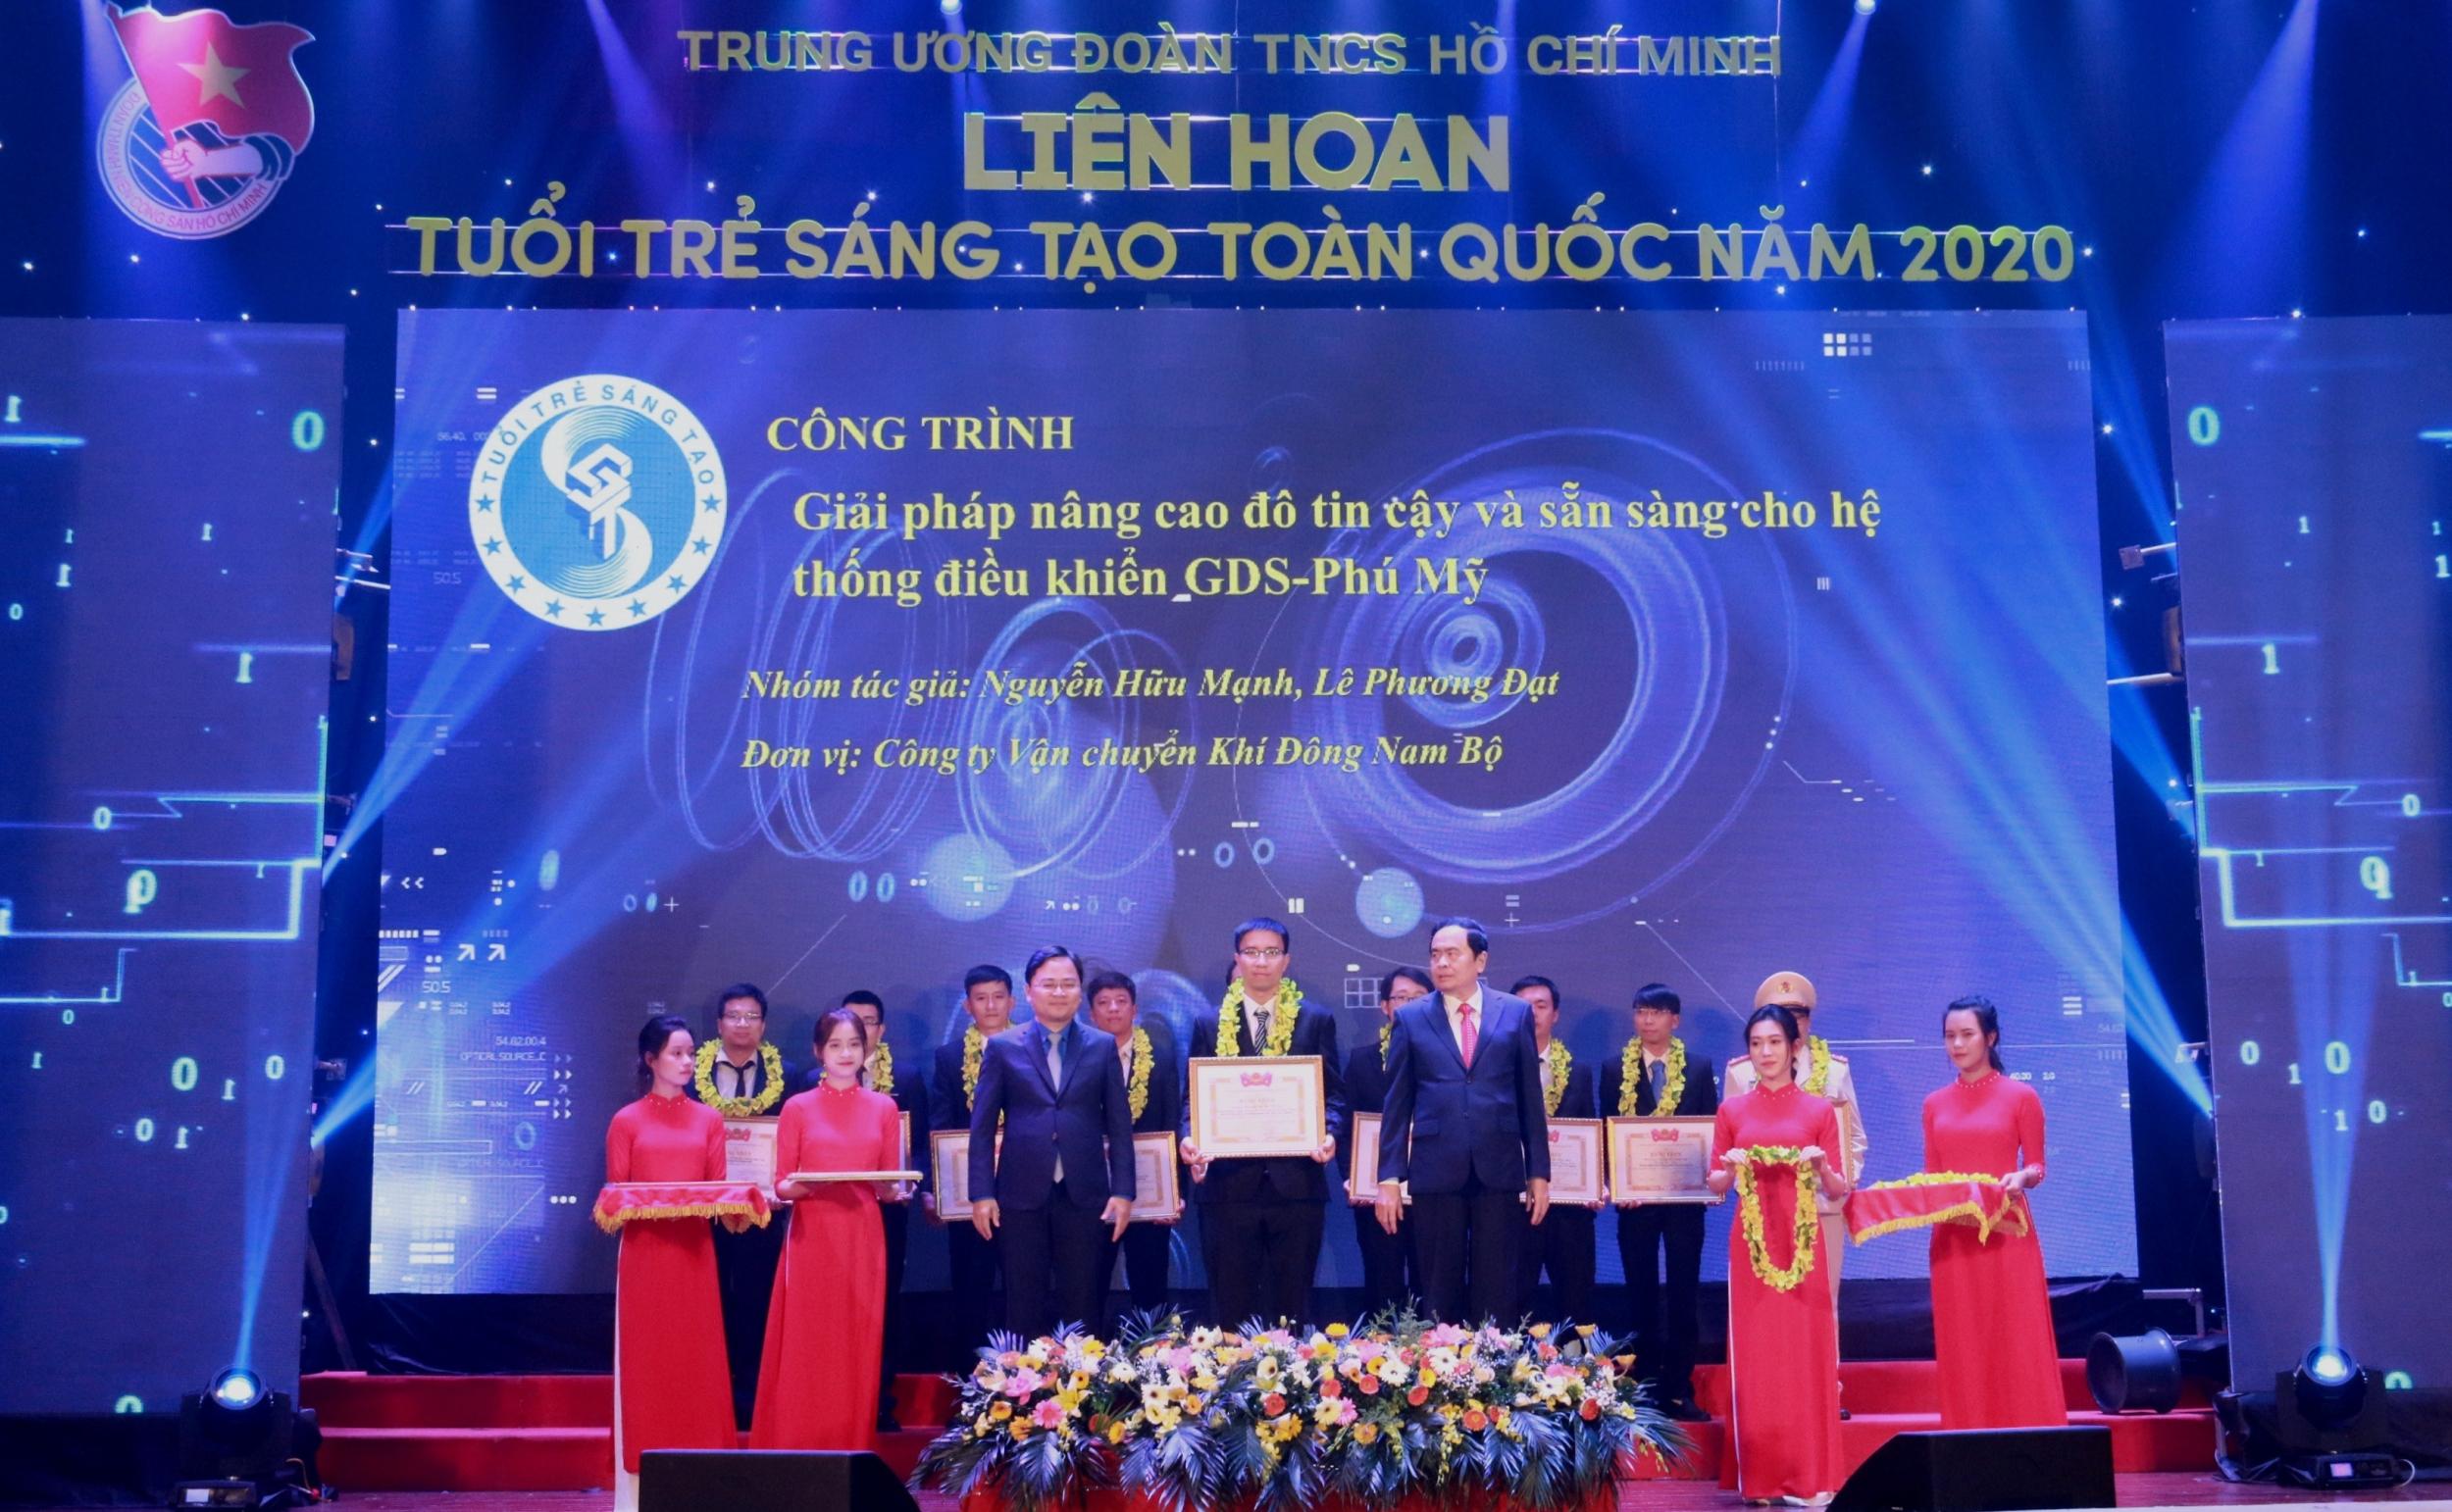 Tuyên dương công trình sáng tạo của Đoàn TN KĐN – các tác giả Nguyễn Hữu Mạnh và Lê Phương Đạt